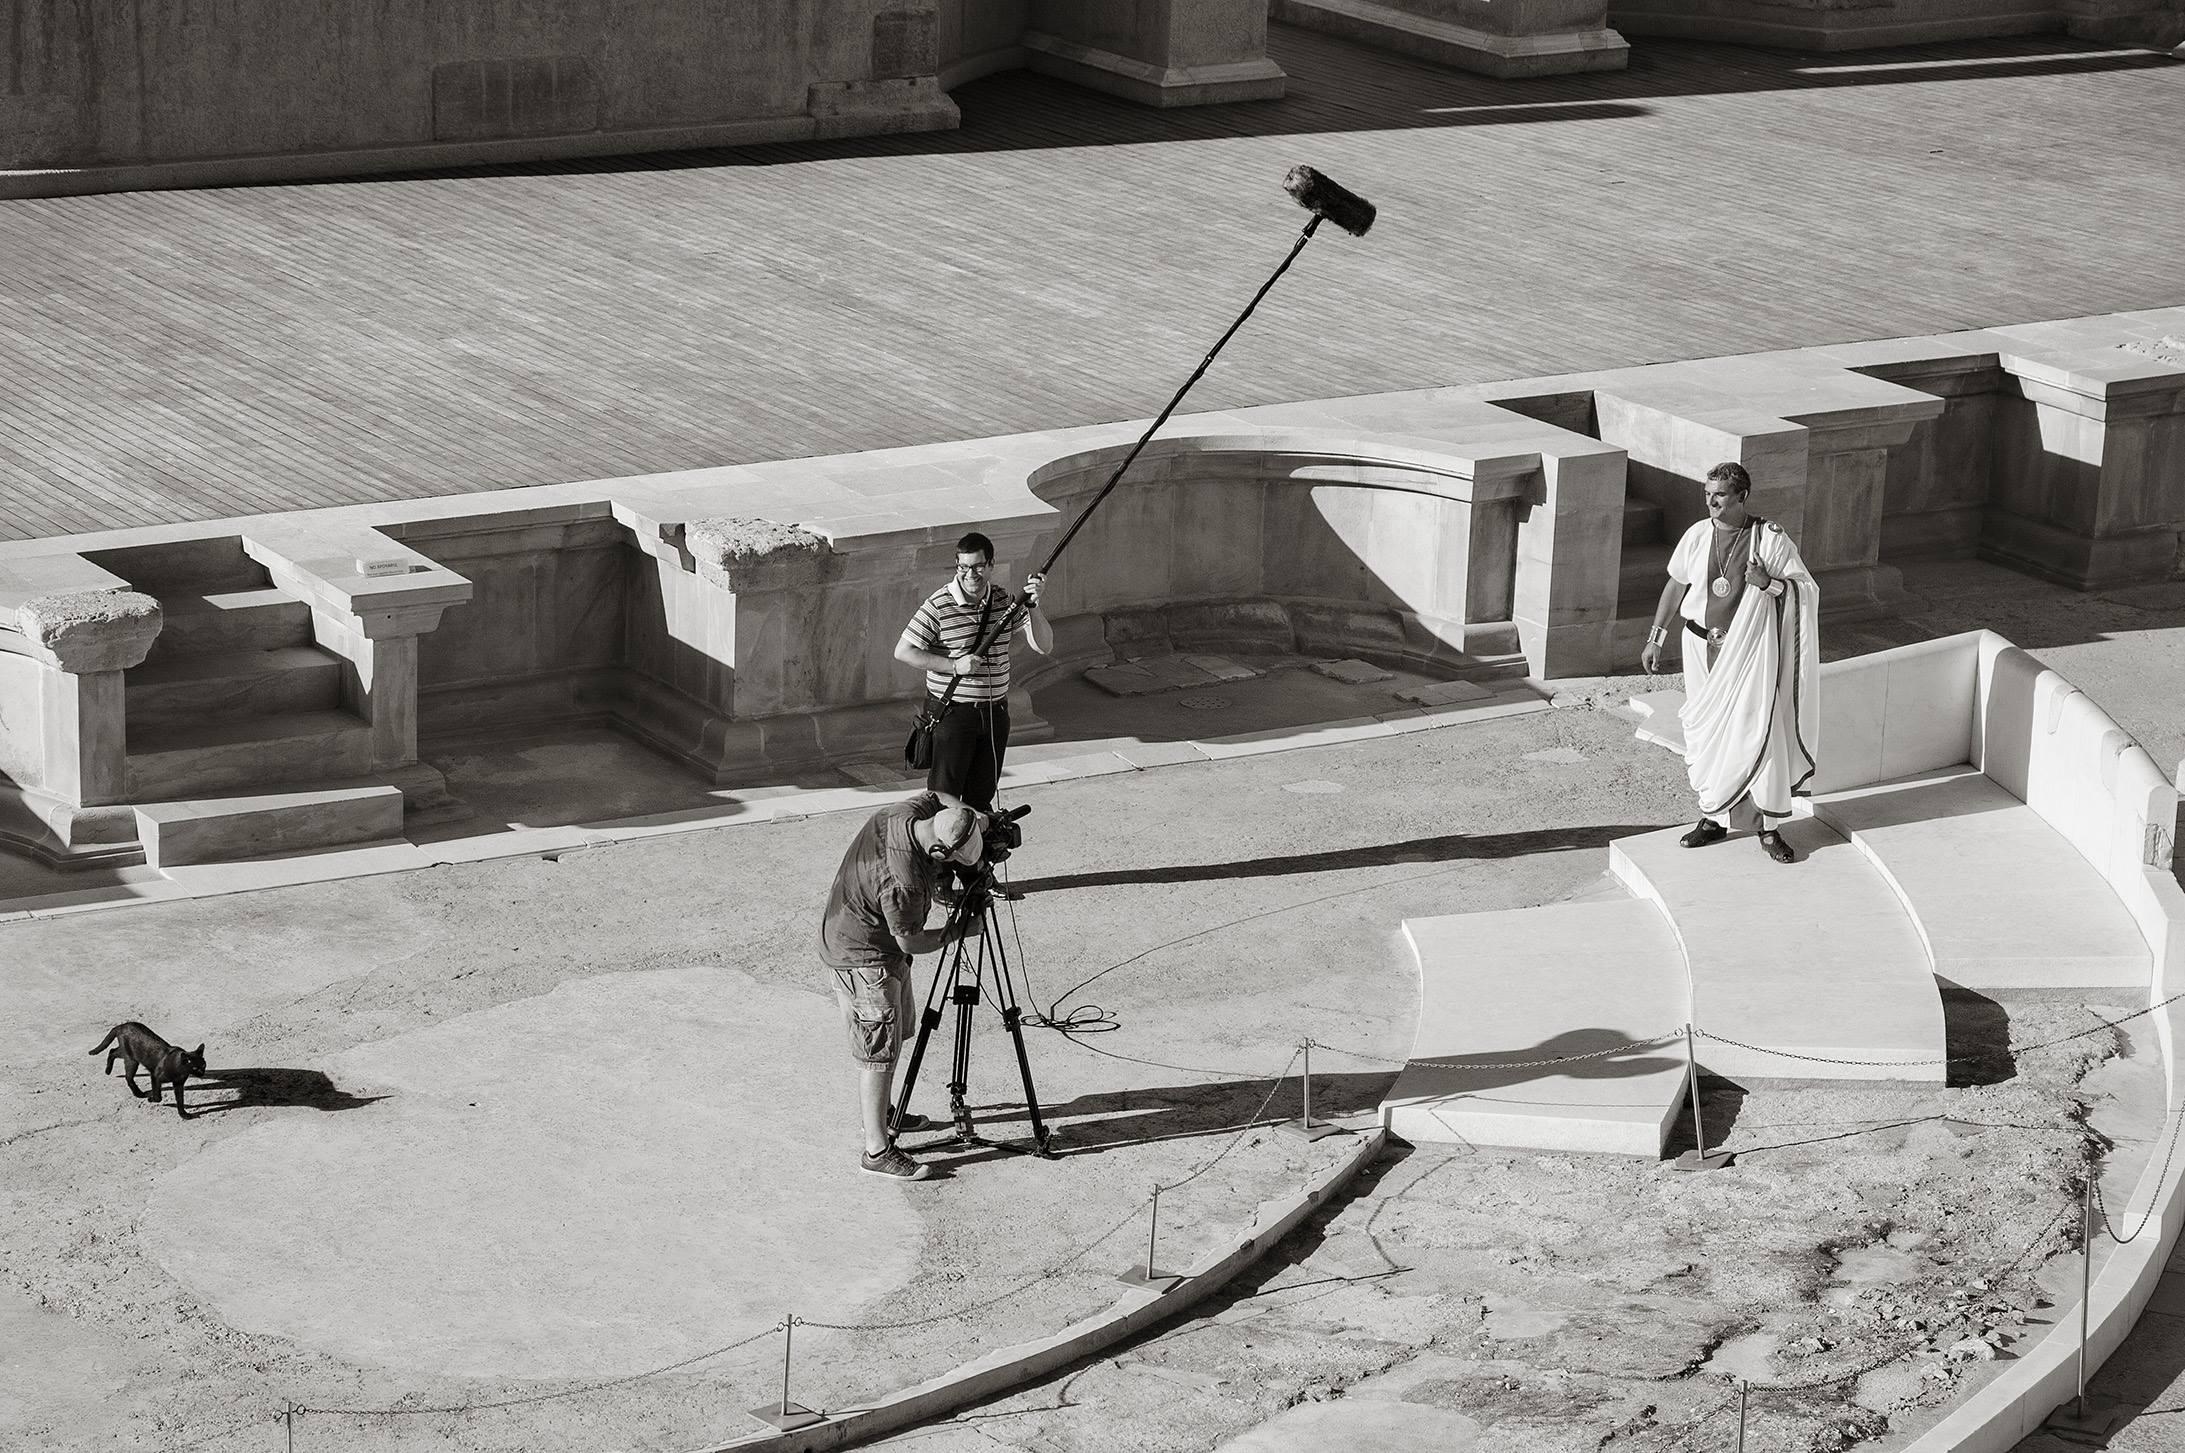 Juan Manuel Díaz Burgos<br/>Una de romanos, Teatro romano de Cartagena, 2013